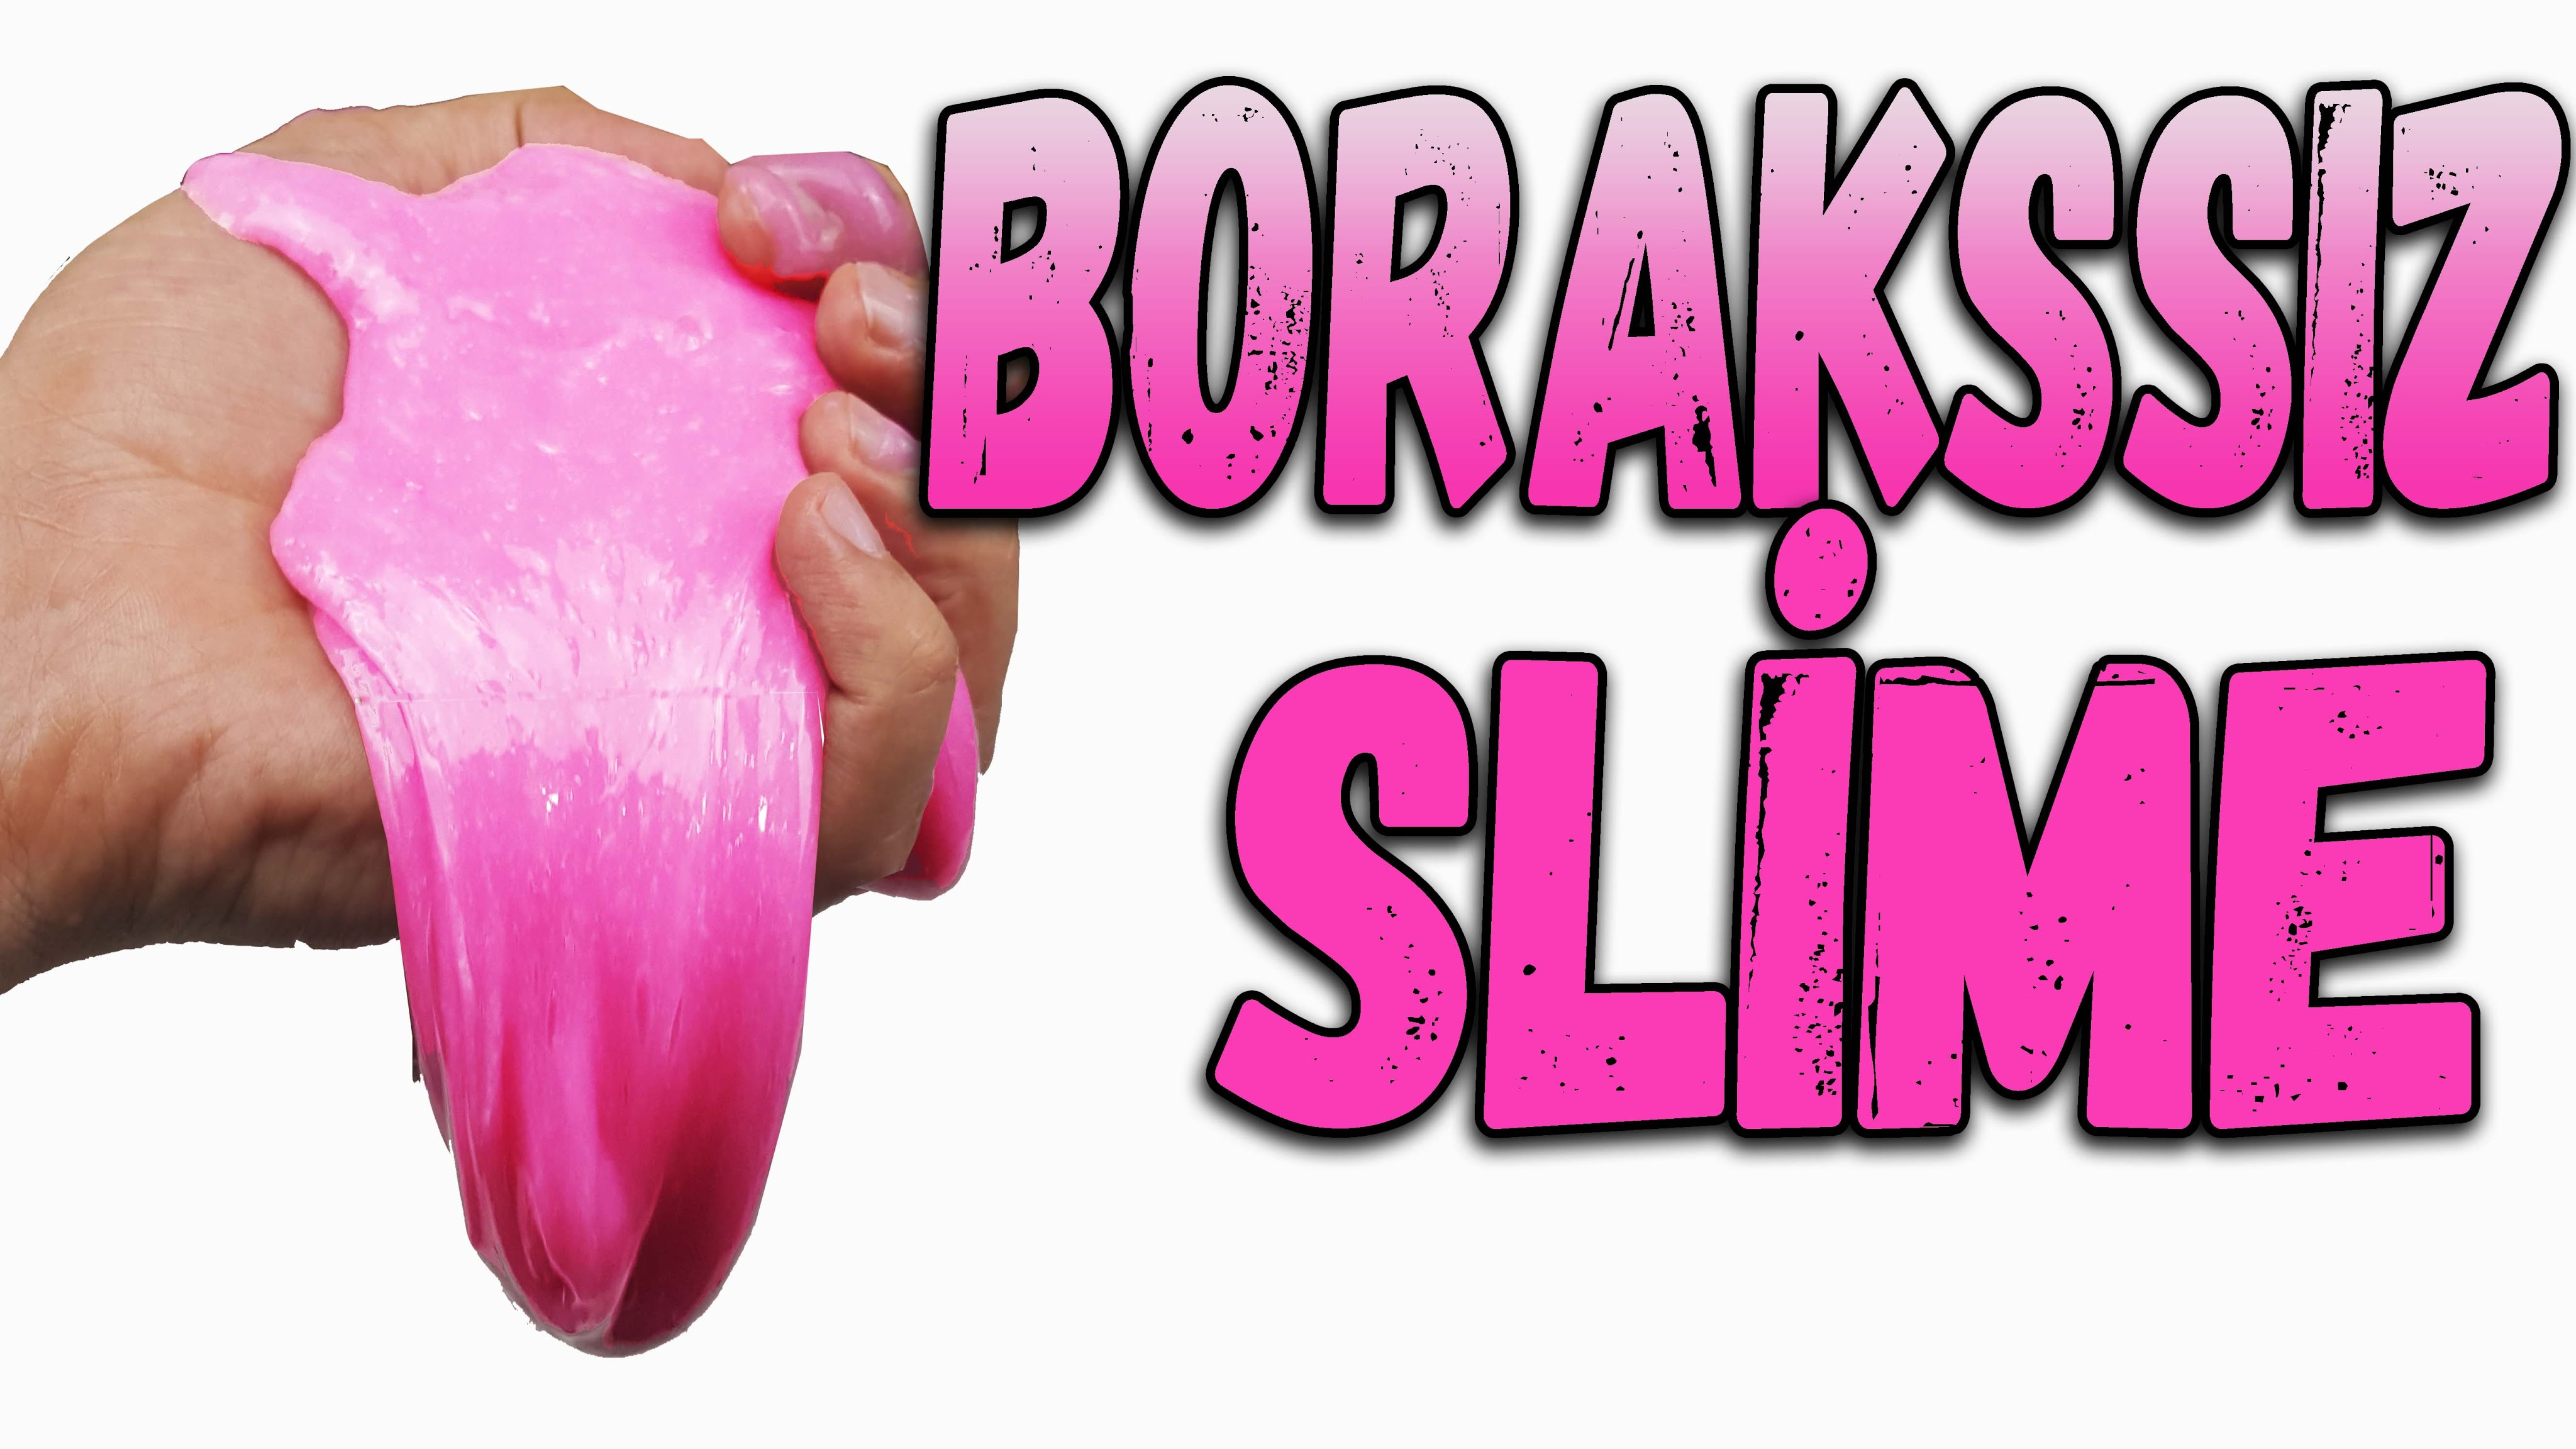 Borakssiz-Slime-Nasil-Yapilir-Boraks-Olmadan-Deterjan-ile-Slime-Yapilisi-